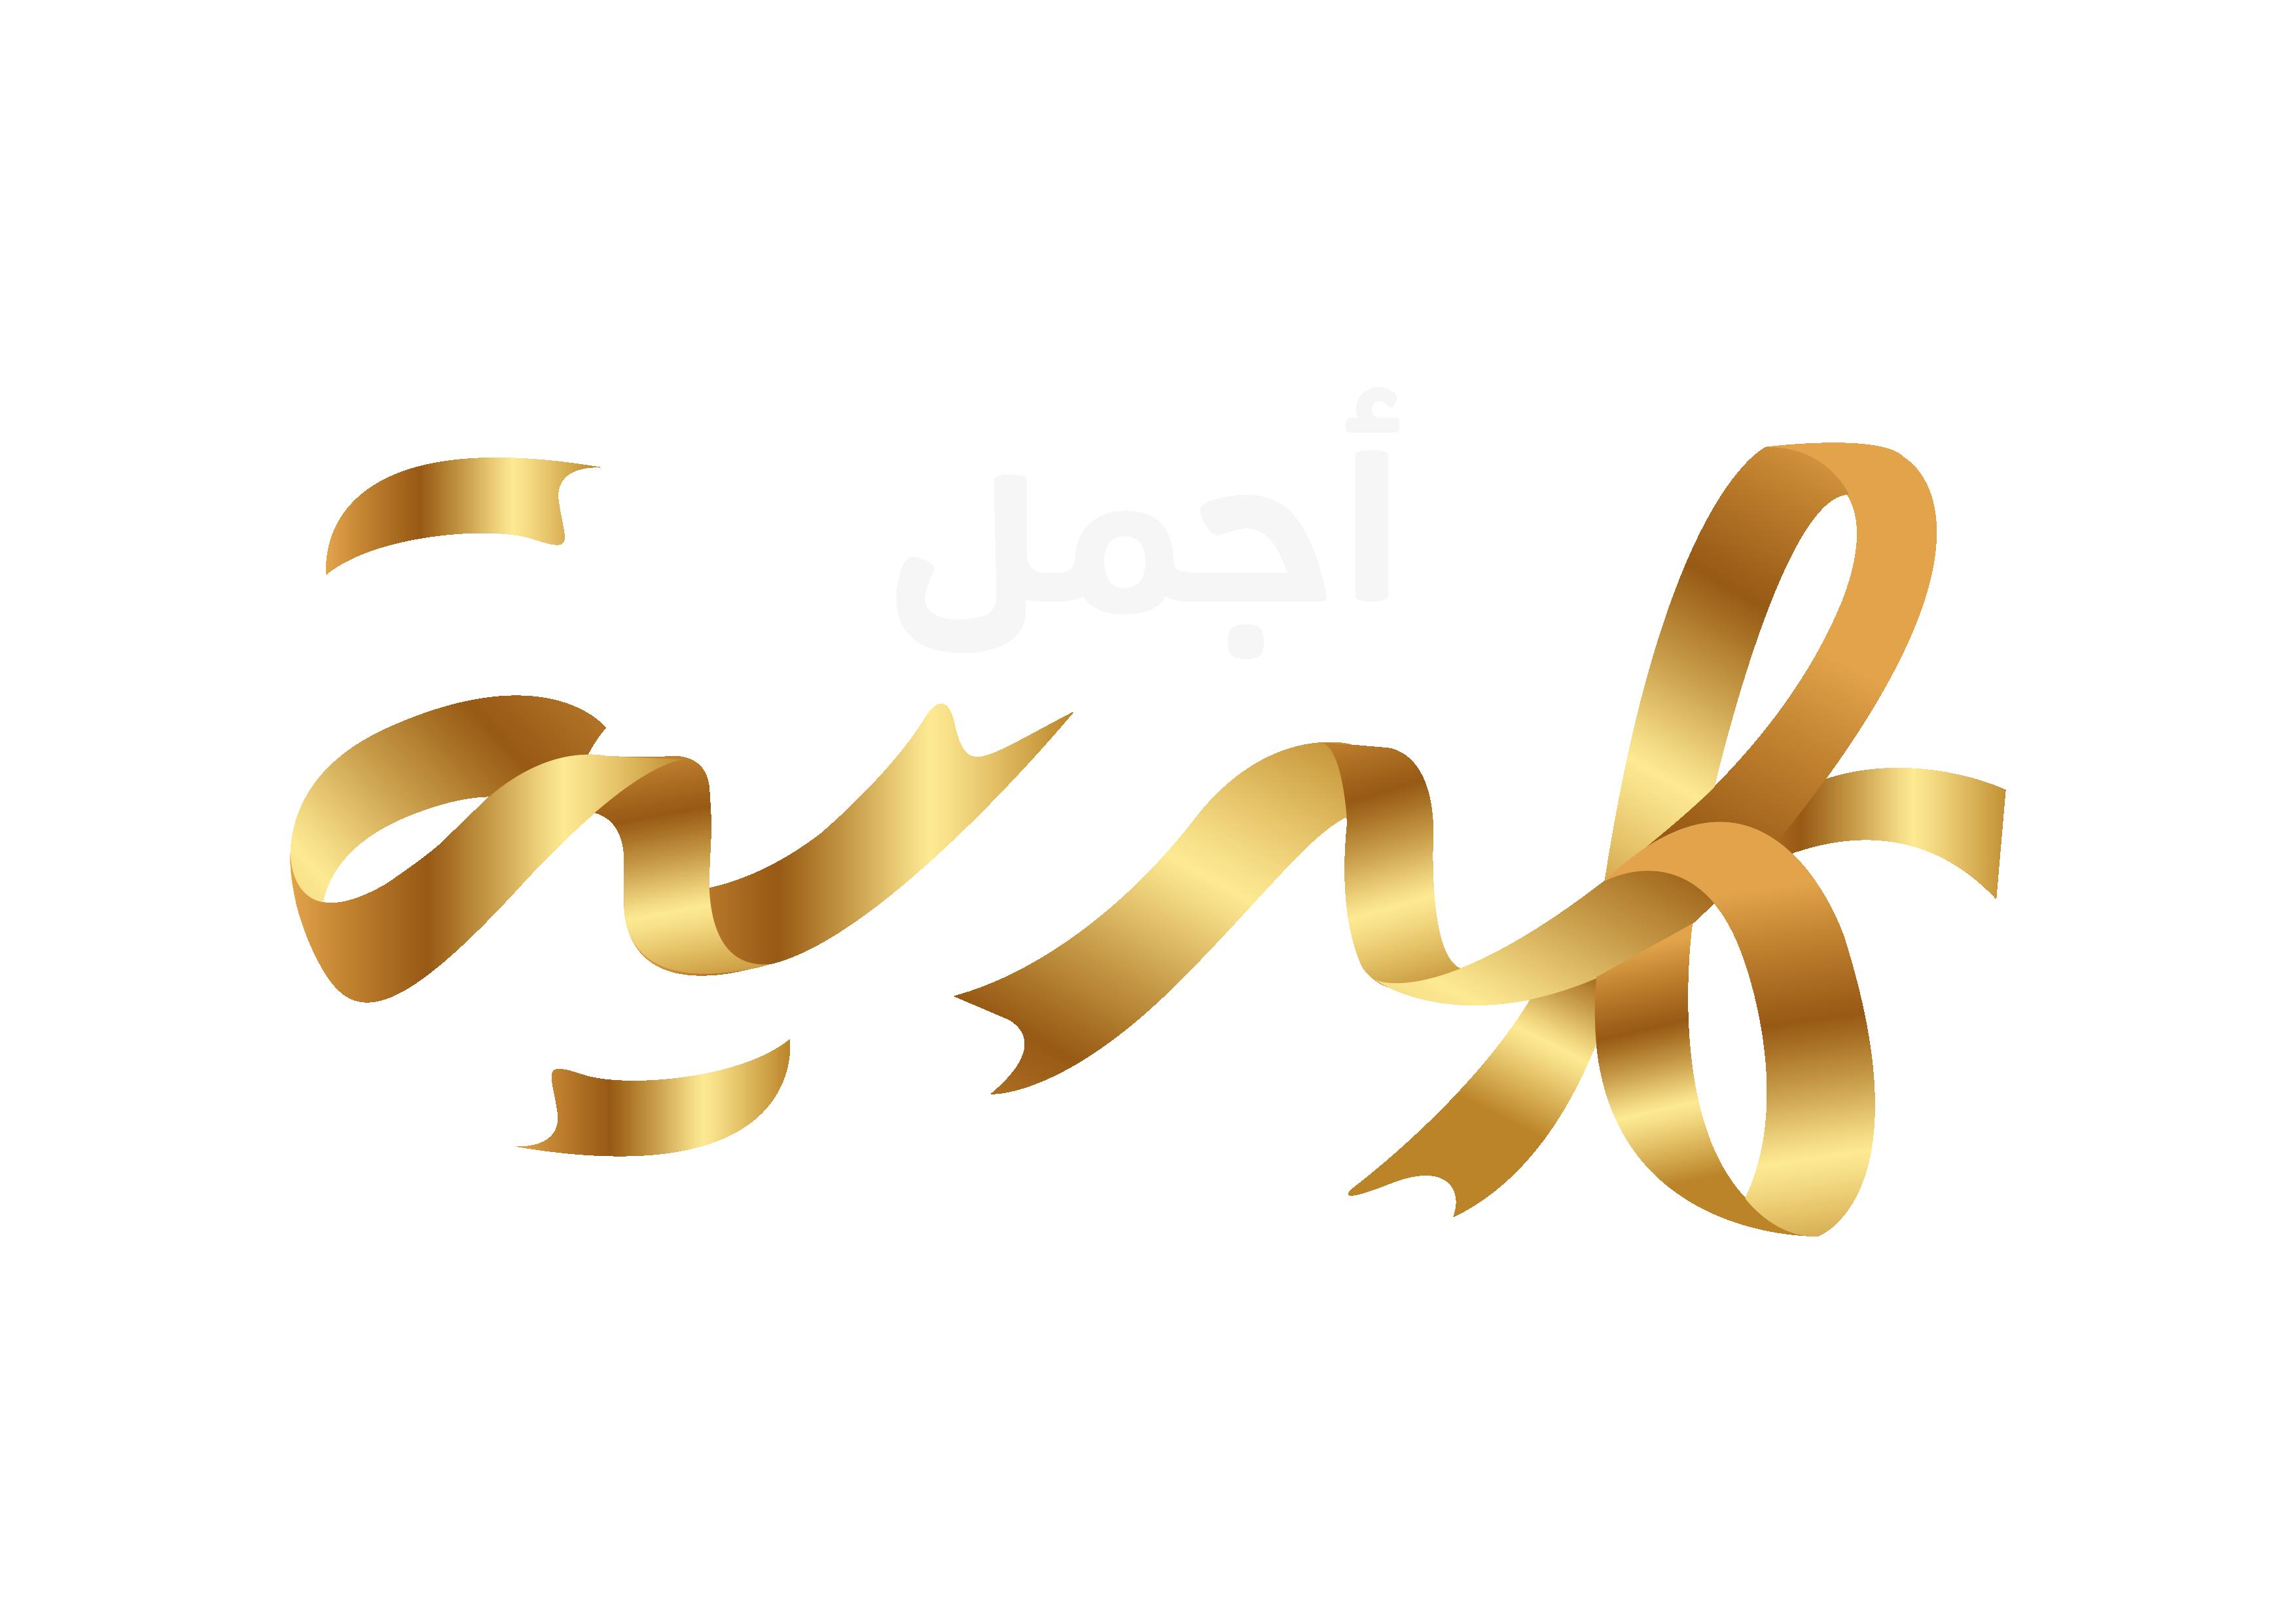 51f229a50 قطر الخيرية - منظمة خيرية وإنسانية غير حكومية شعارها معاً لحياة كريمة